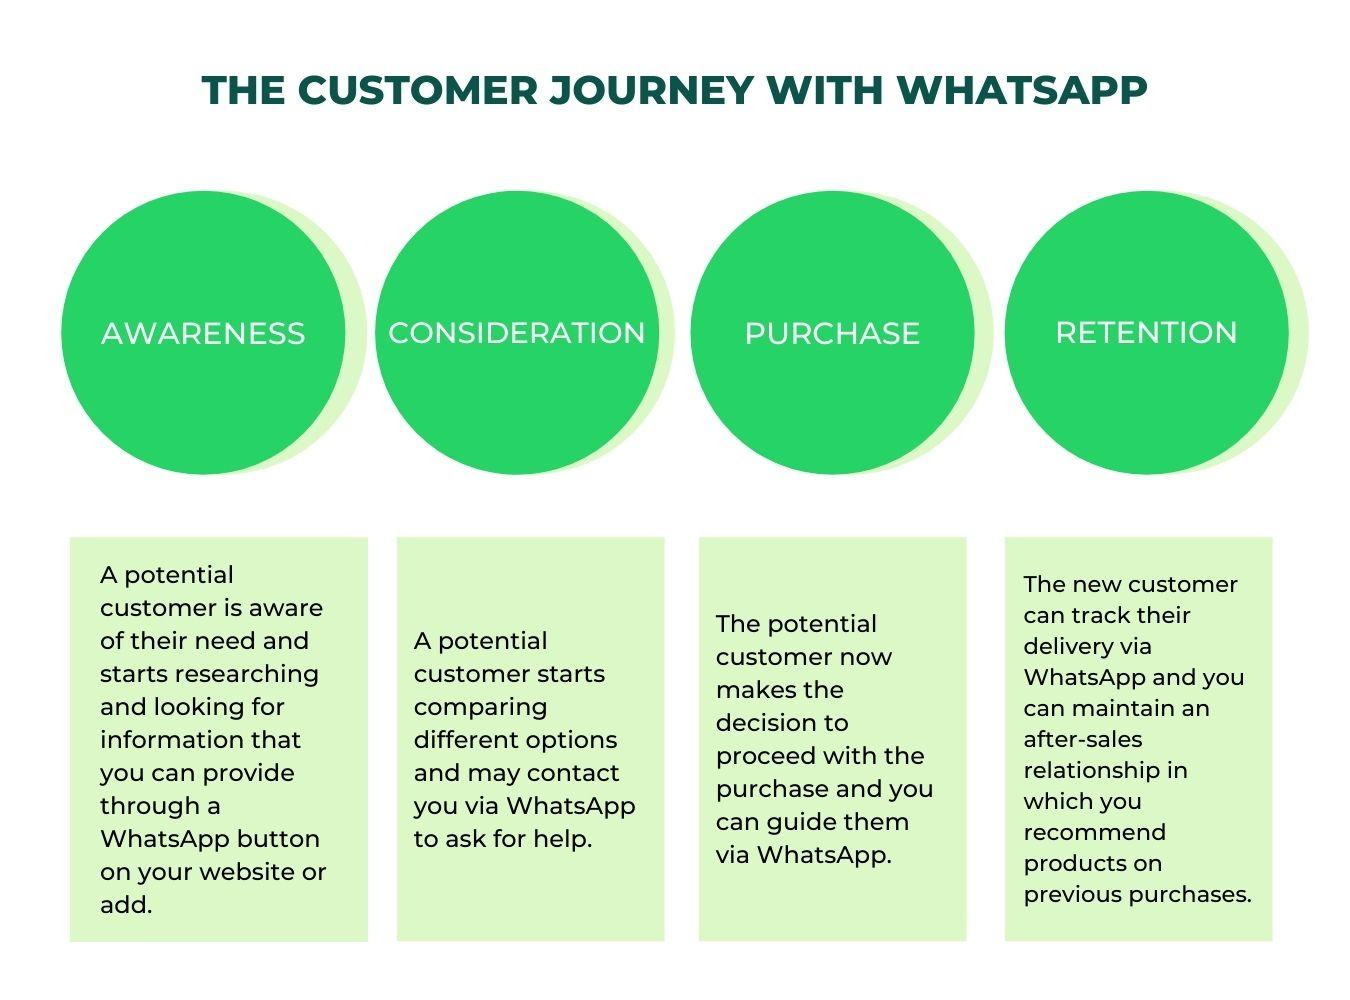 whatsapp ecommerce customer journey